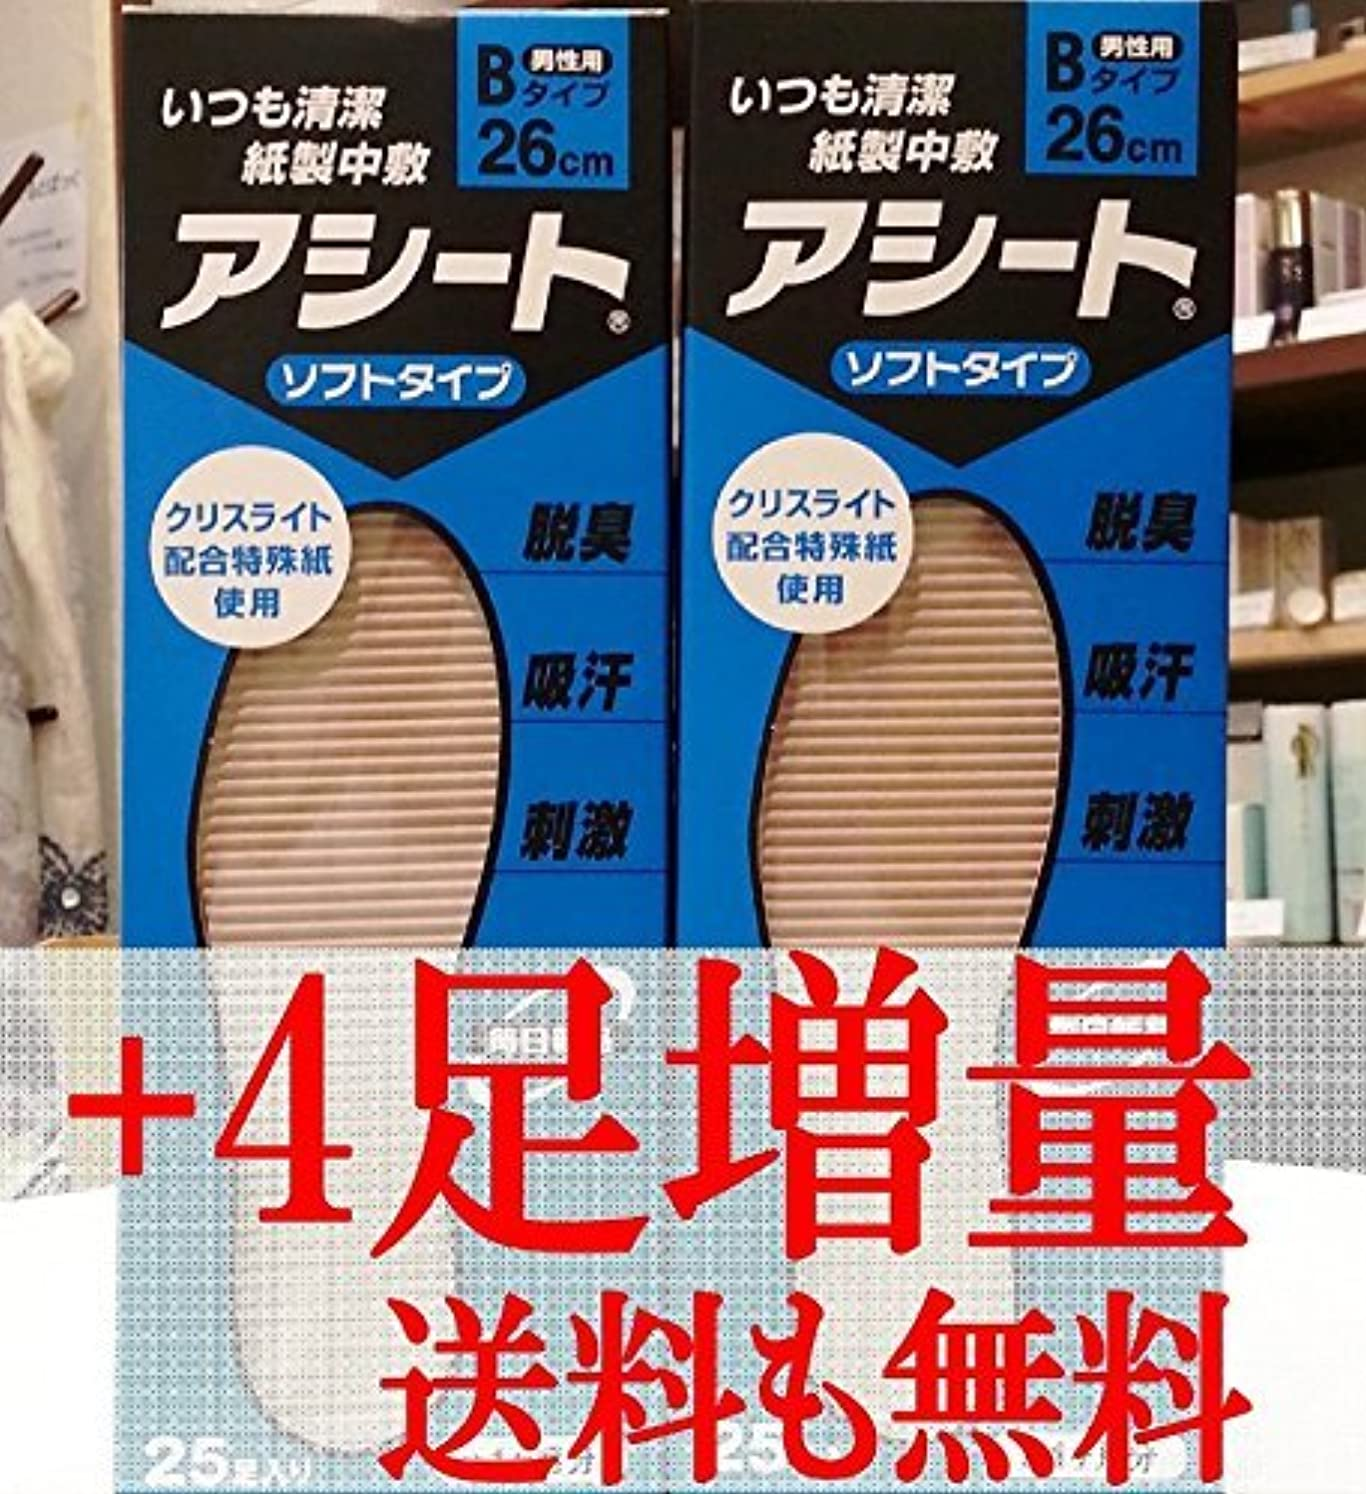 区構想するカメアシートB 25足入2箱セット+4足増量中(27cm)